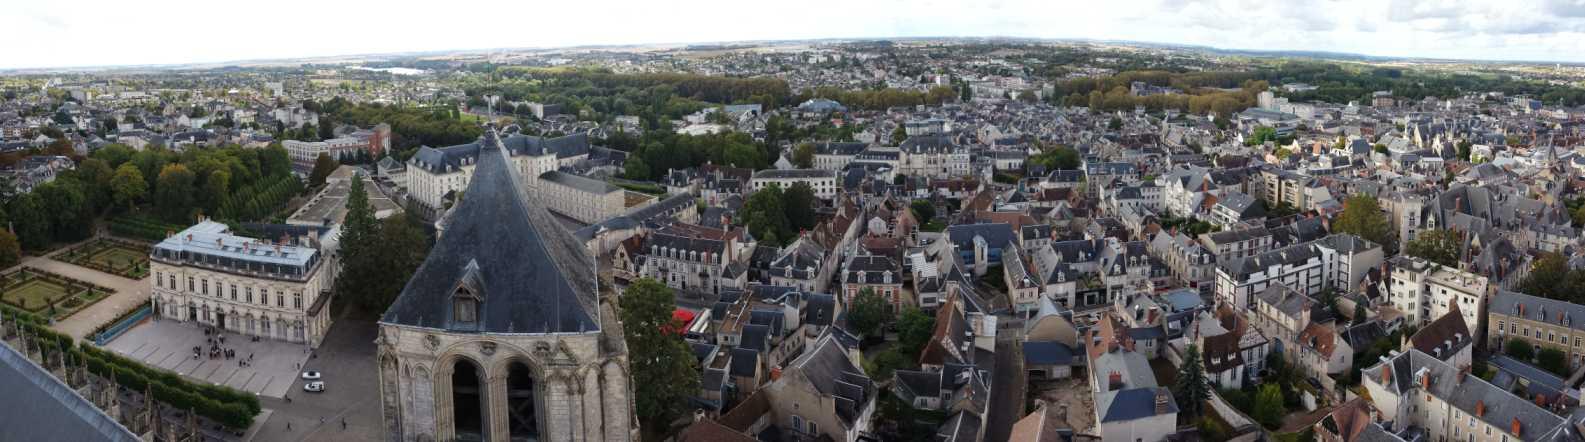 Bourges / Panorama eines teils der Altstadt, links der Bischofs-Garten